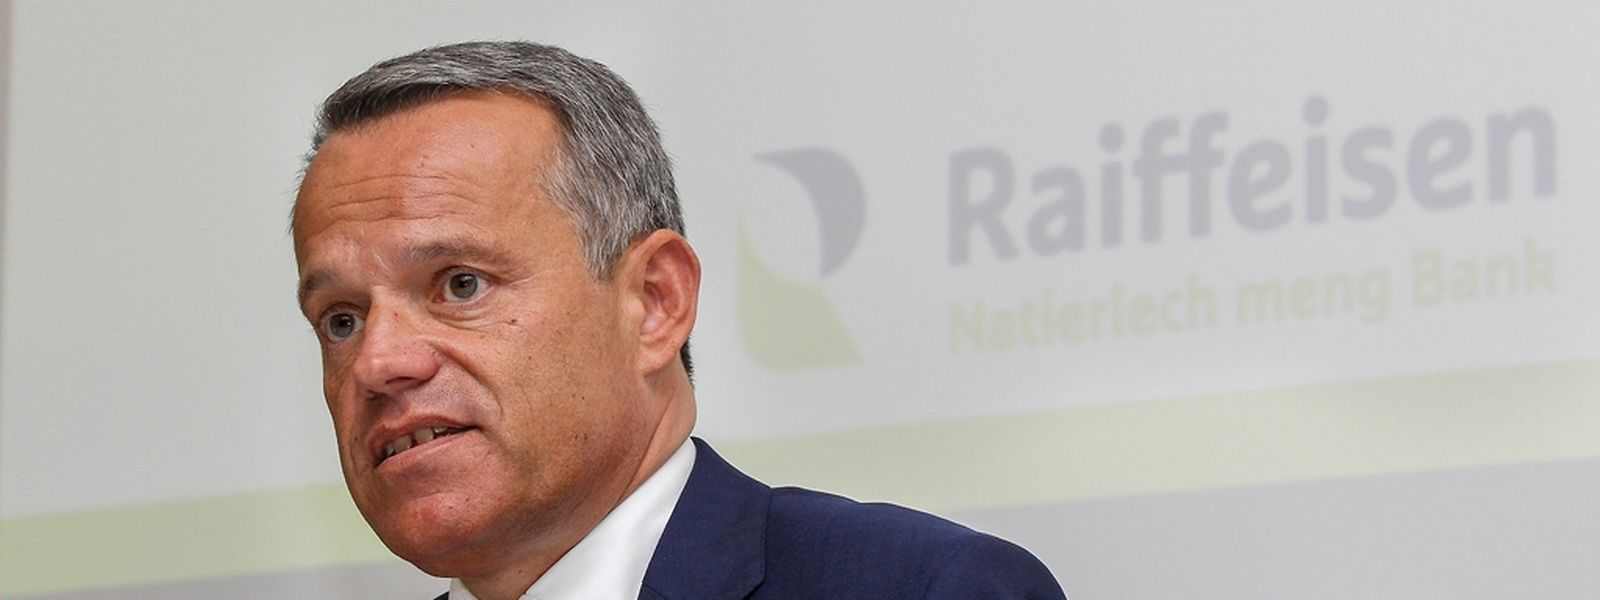 """Guy Hoffmann: """"Raiffeisen possède encore un fort potentiel pour gagner du terrain sur la concurrence"""". (Photo: Guy Jallay)"""